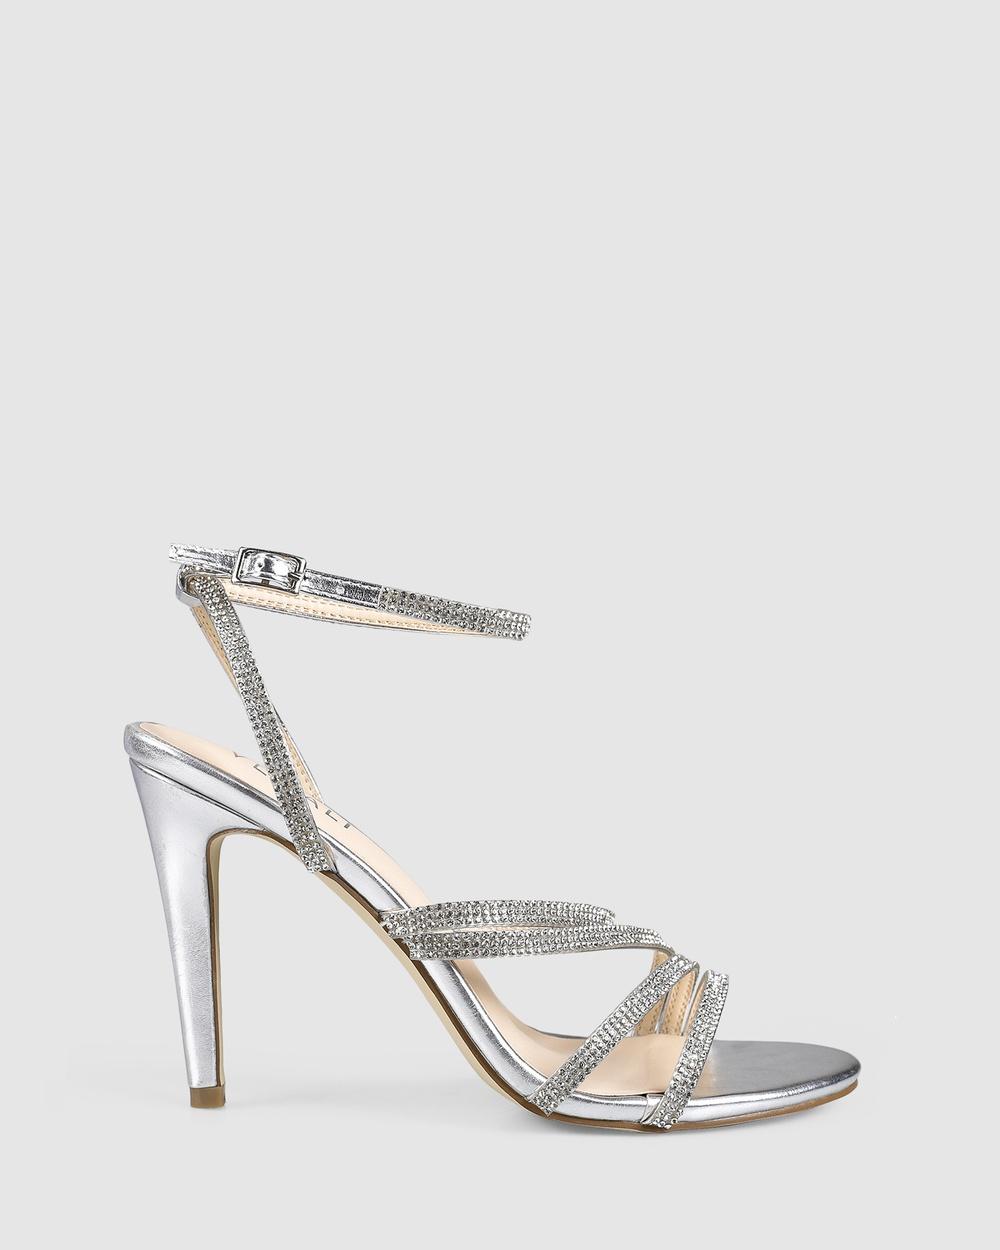 Verali Oakley Heels Silver